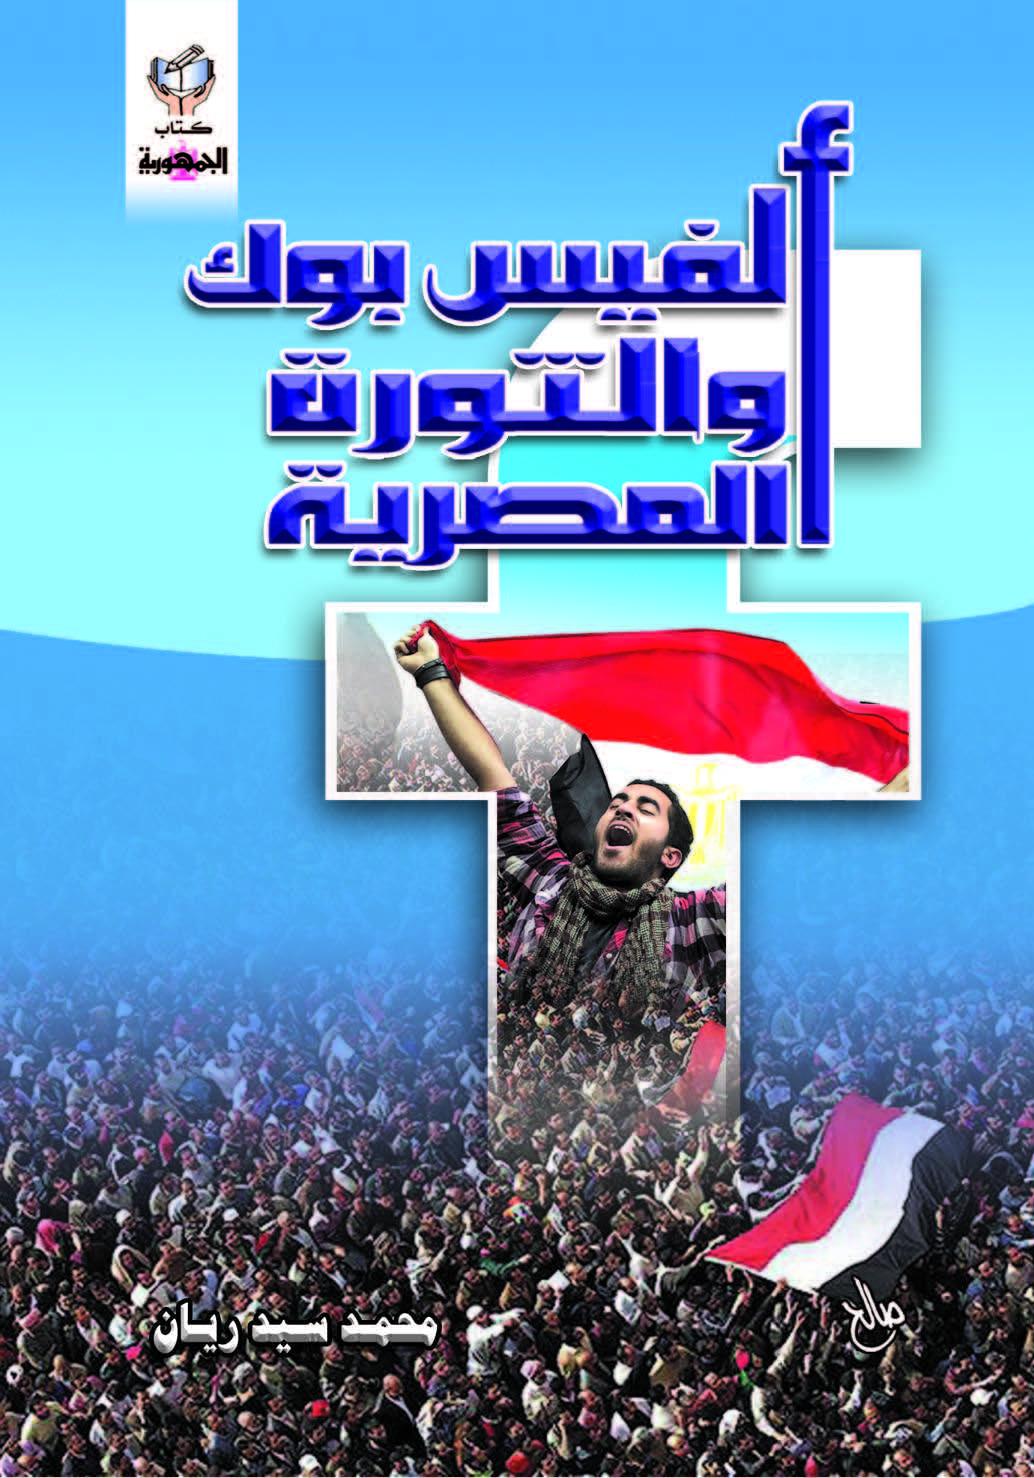 الفيس بوك والثورة المصرية